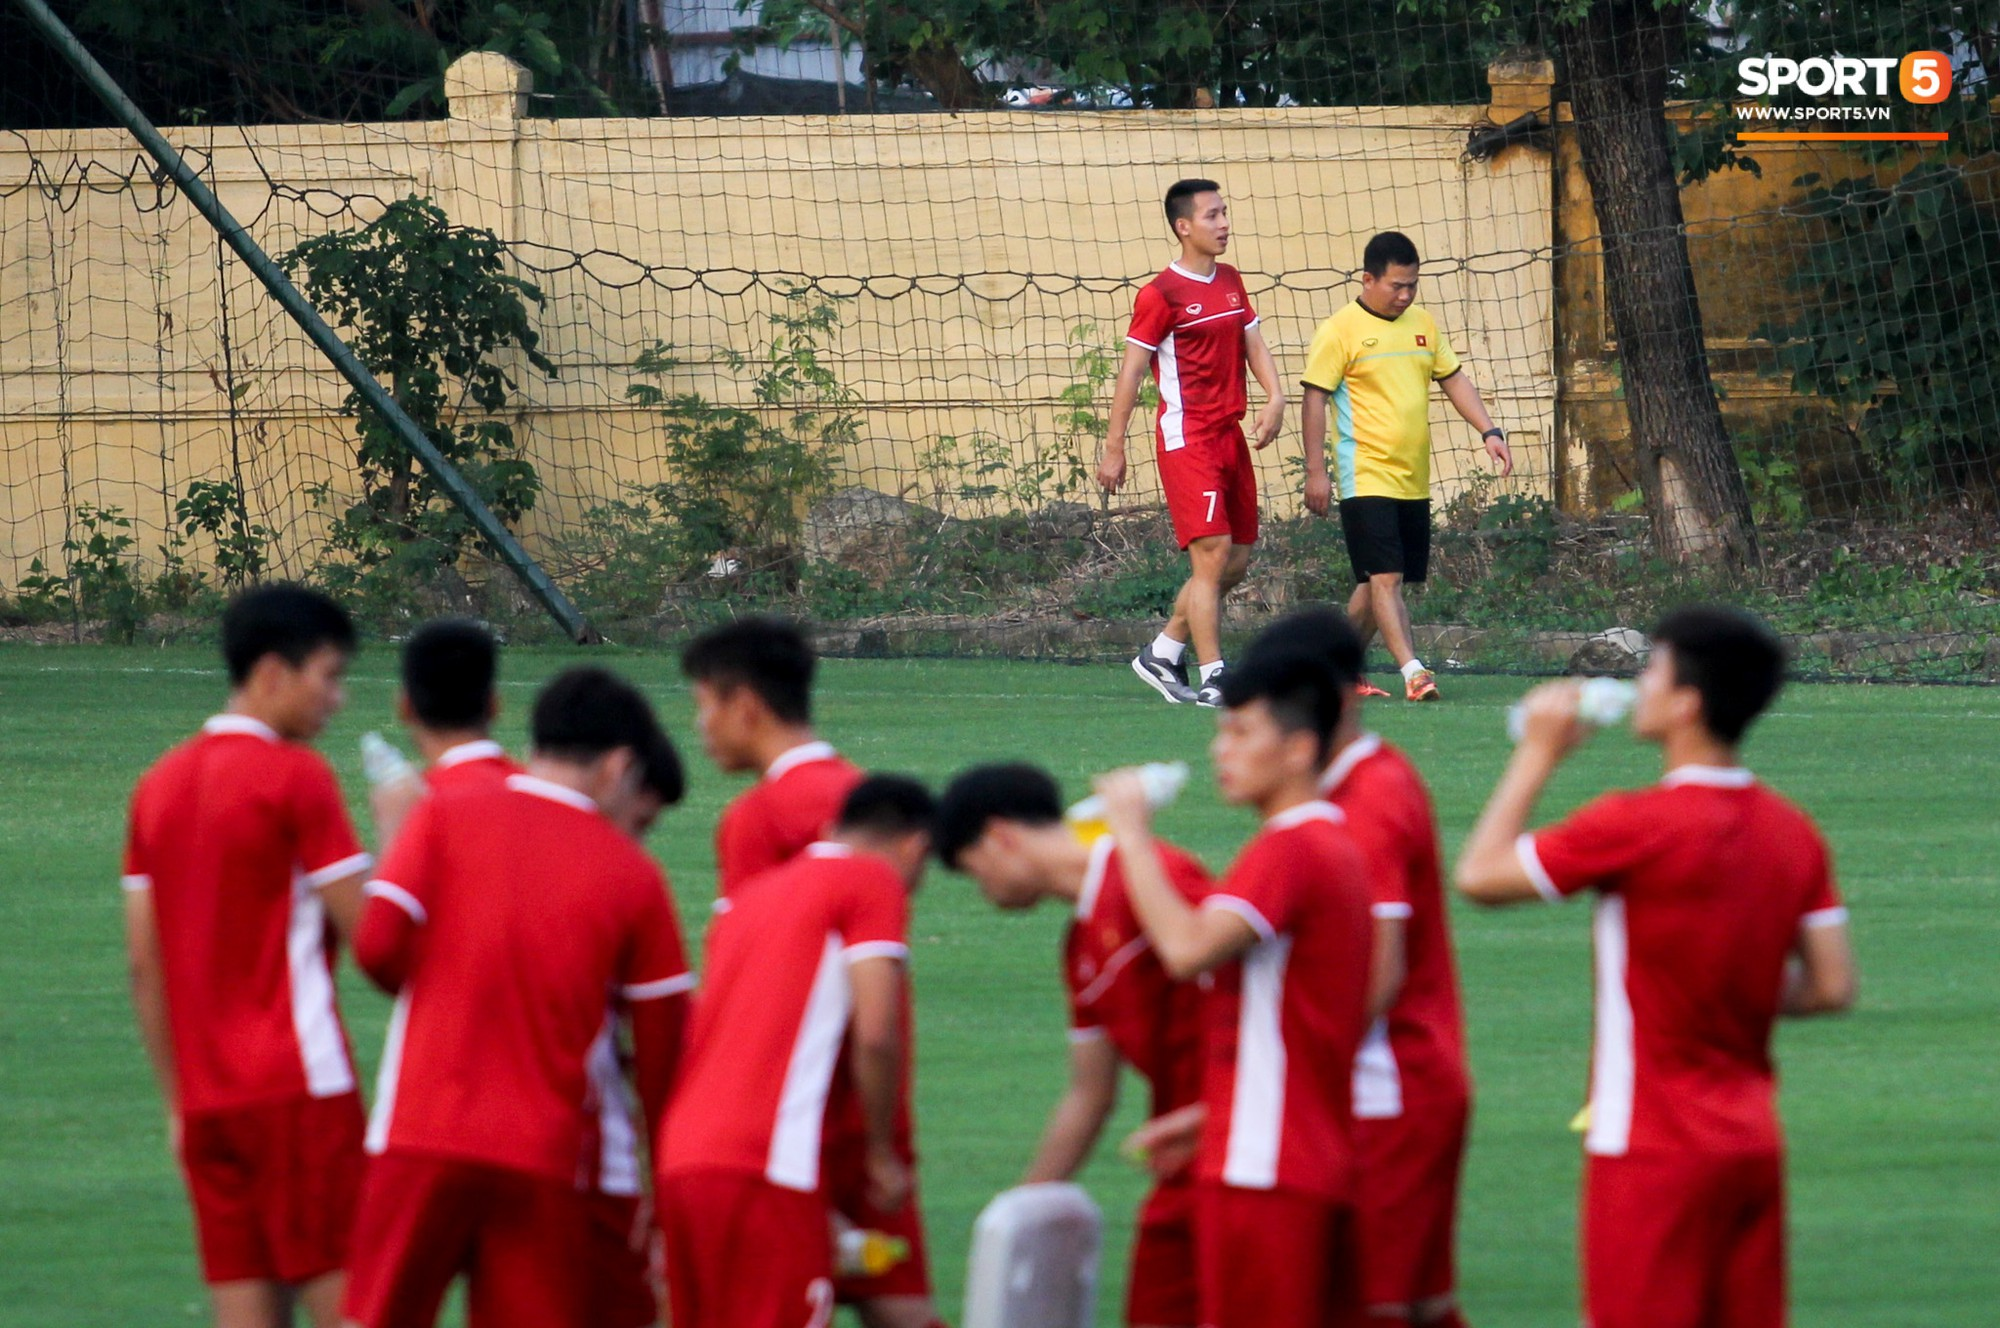 Hùng Dũng chấn thương, Xuân Trường có cơ hội đá chính ở AFF Cup 2018 - Ảnh 1.